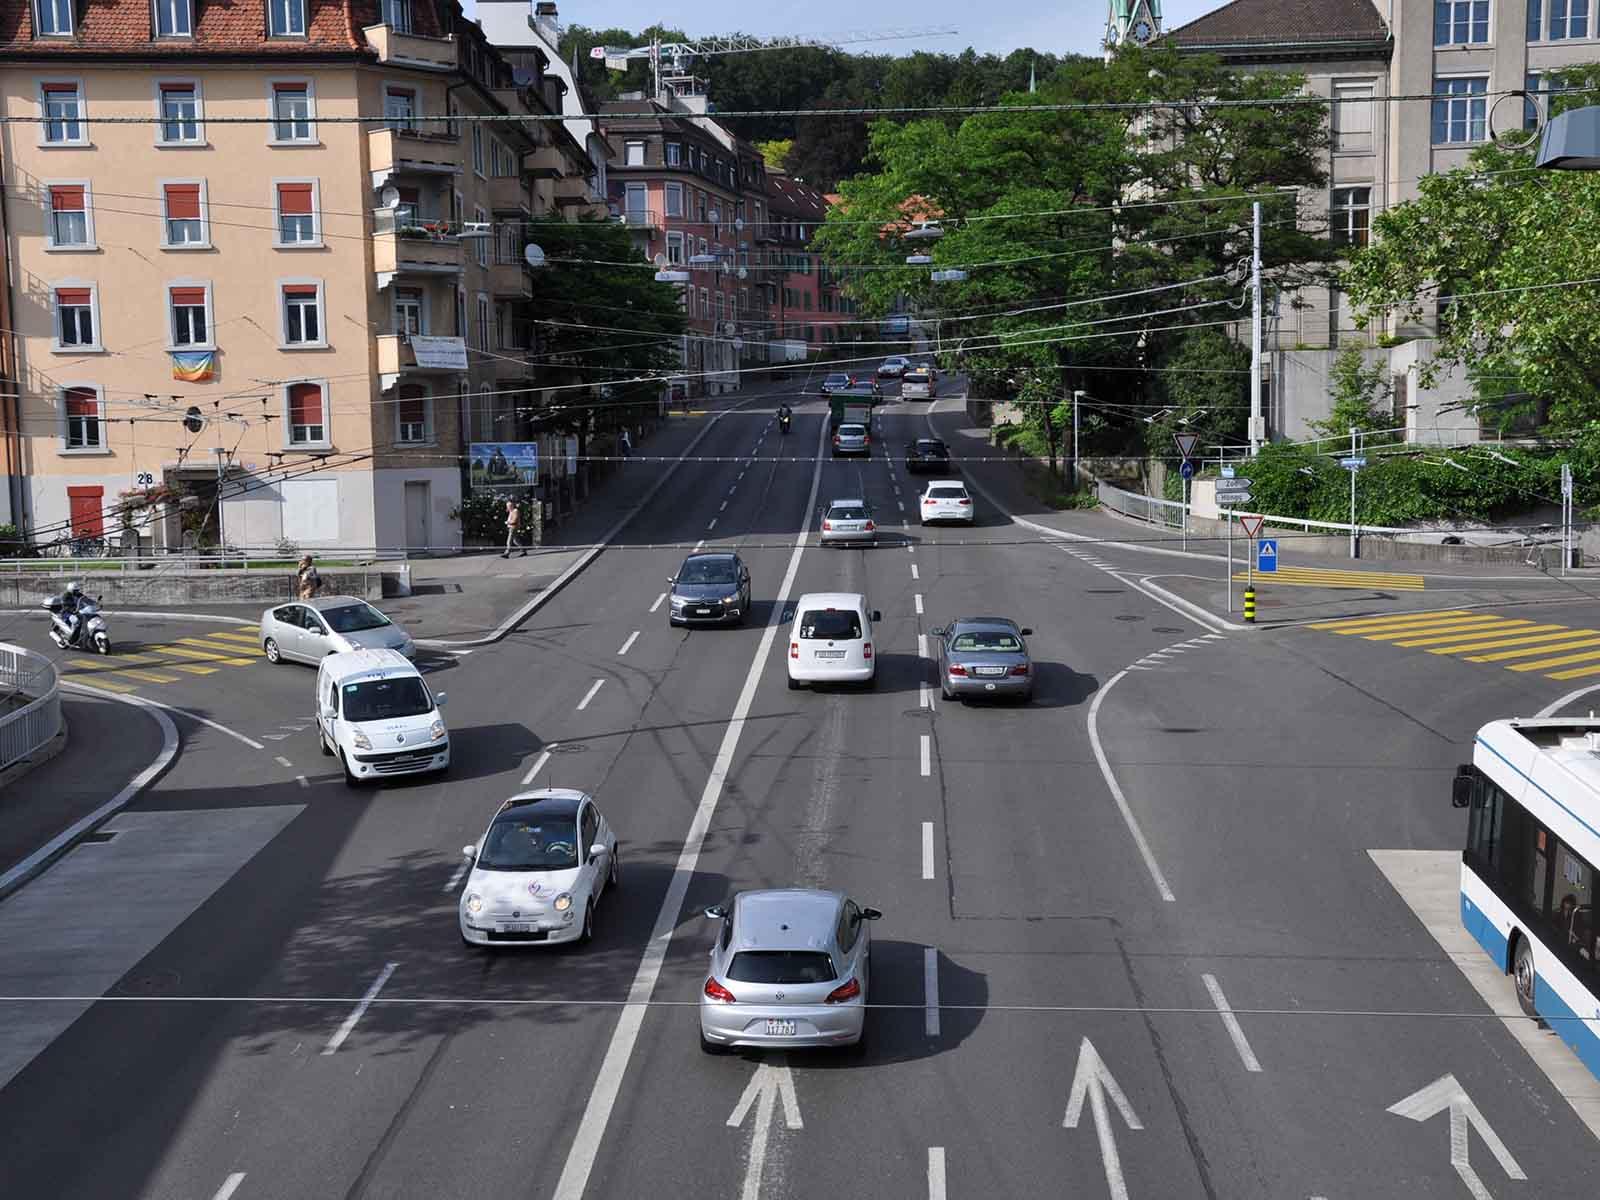 Der Stadtrat hat Tempo 30 auf der Rosengartenstrasse beschlossen. Ob und wann das umgesetzt werden kann, ist unklar.